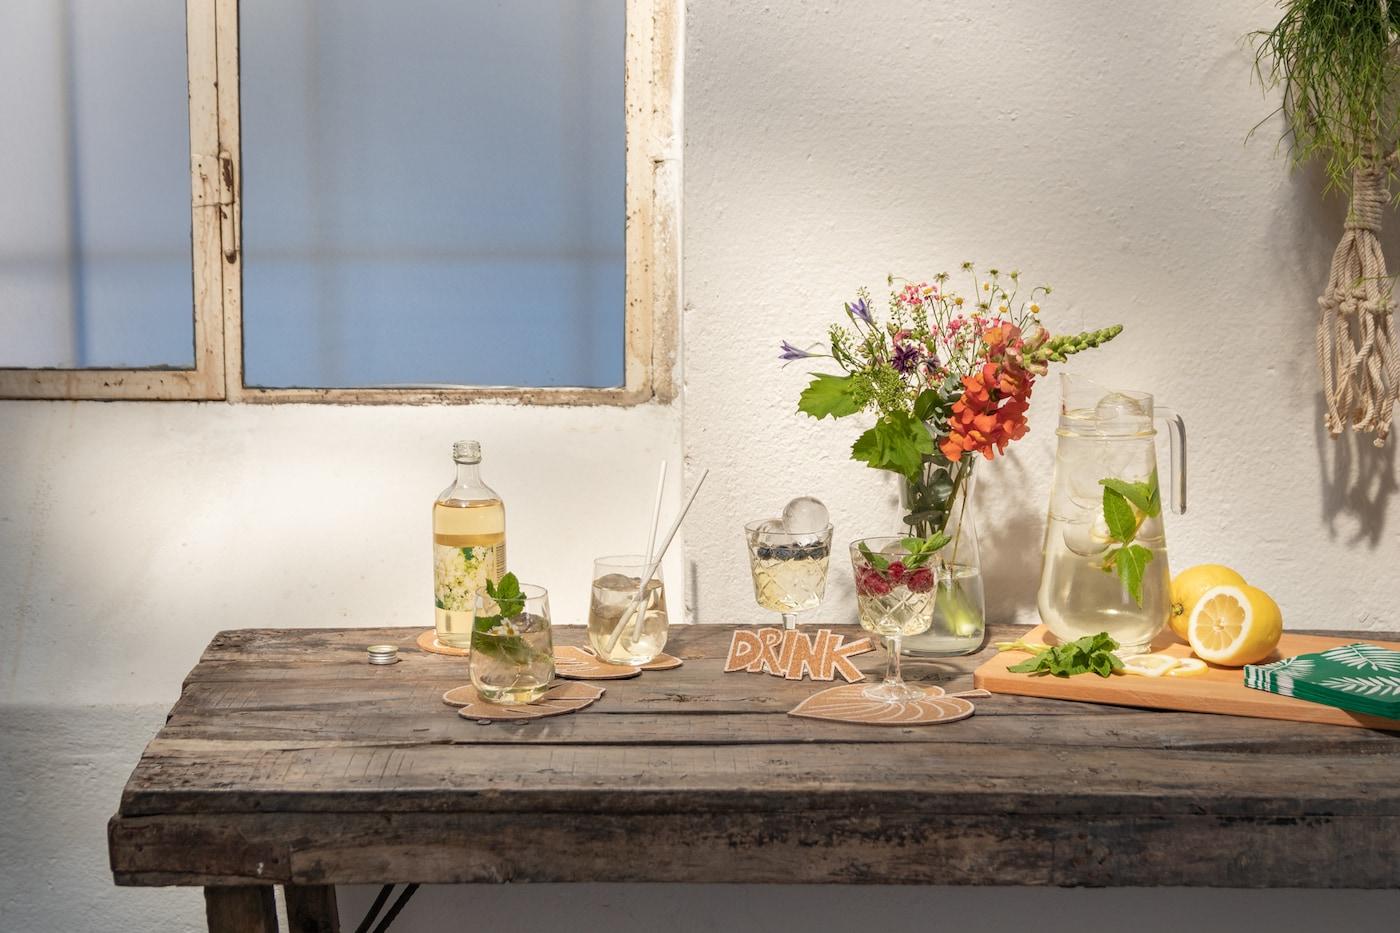 Holztisch mit Gläsern & Flaschen, die auf selbst gebastelten Korkuntersetzern stehen.